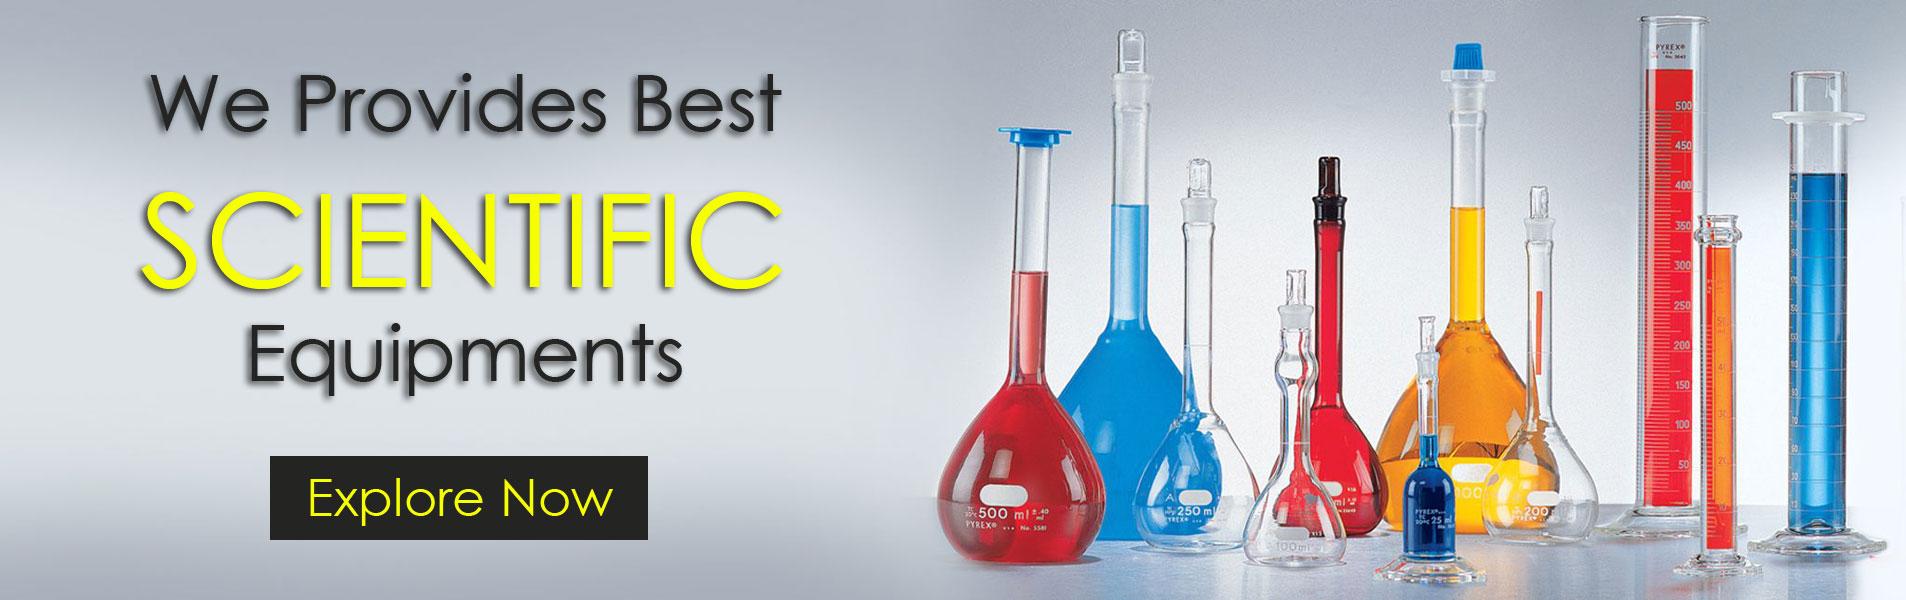 Scientific Equipments